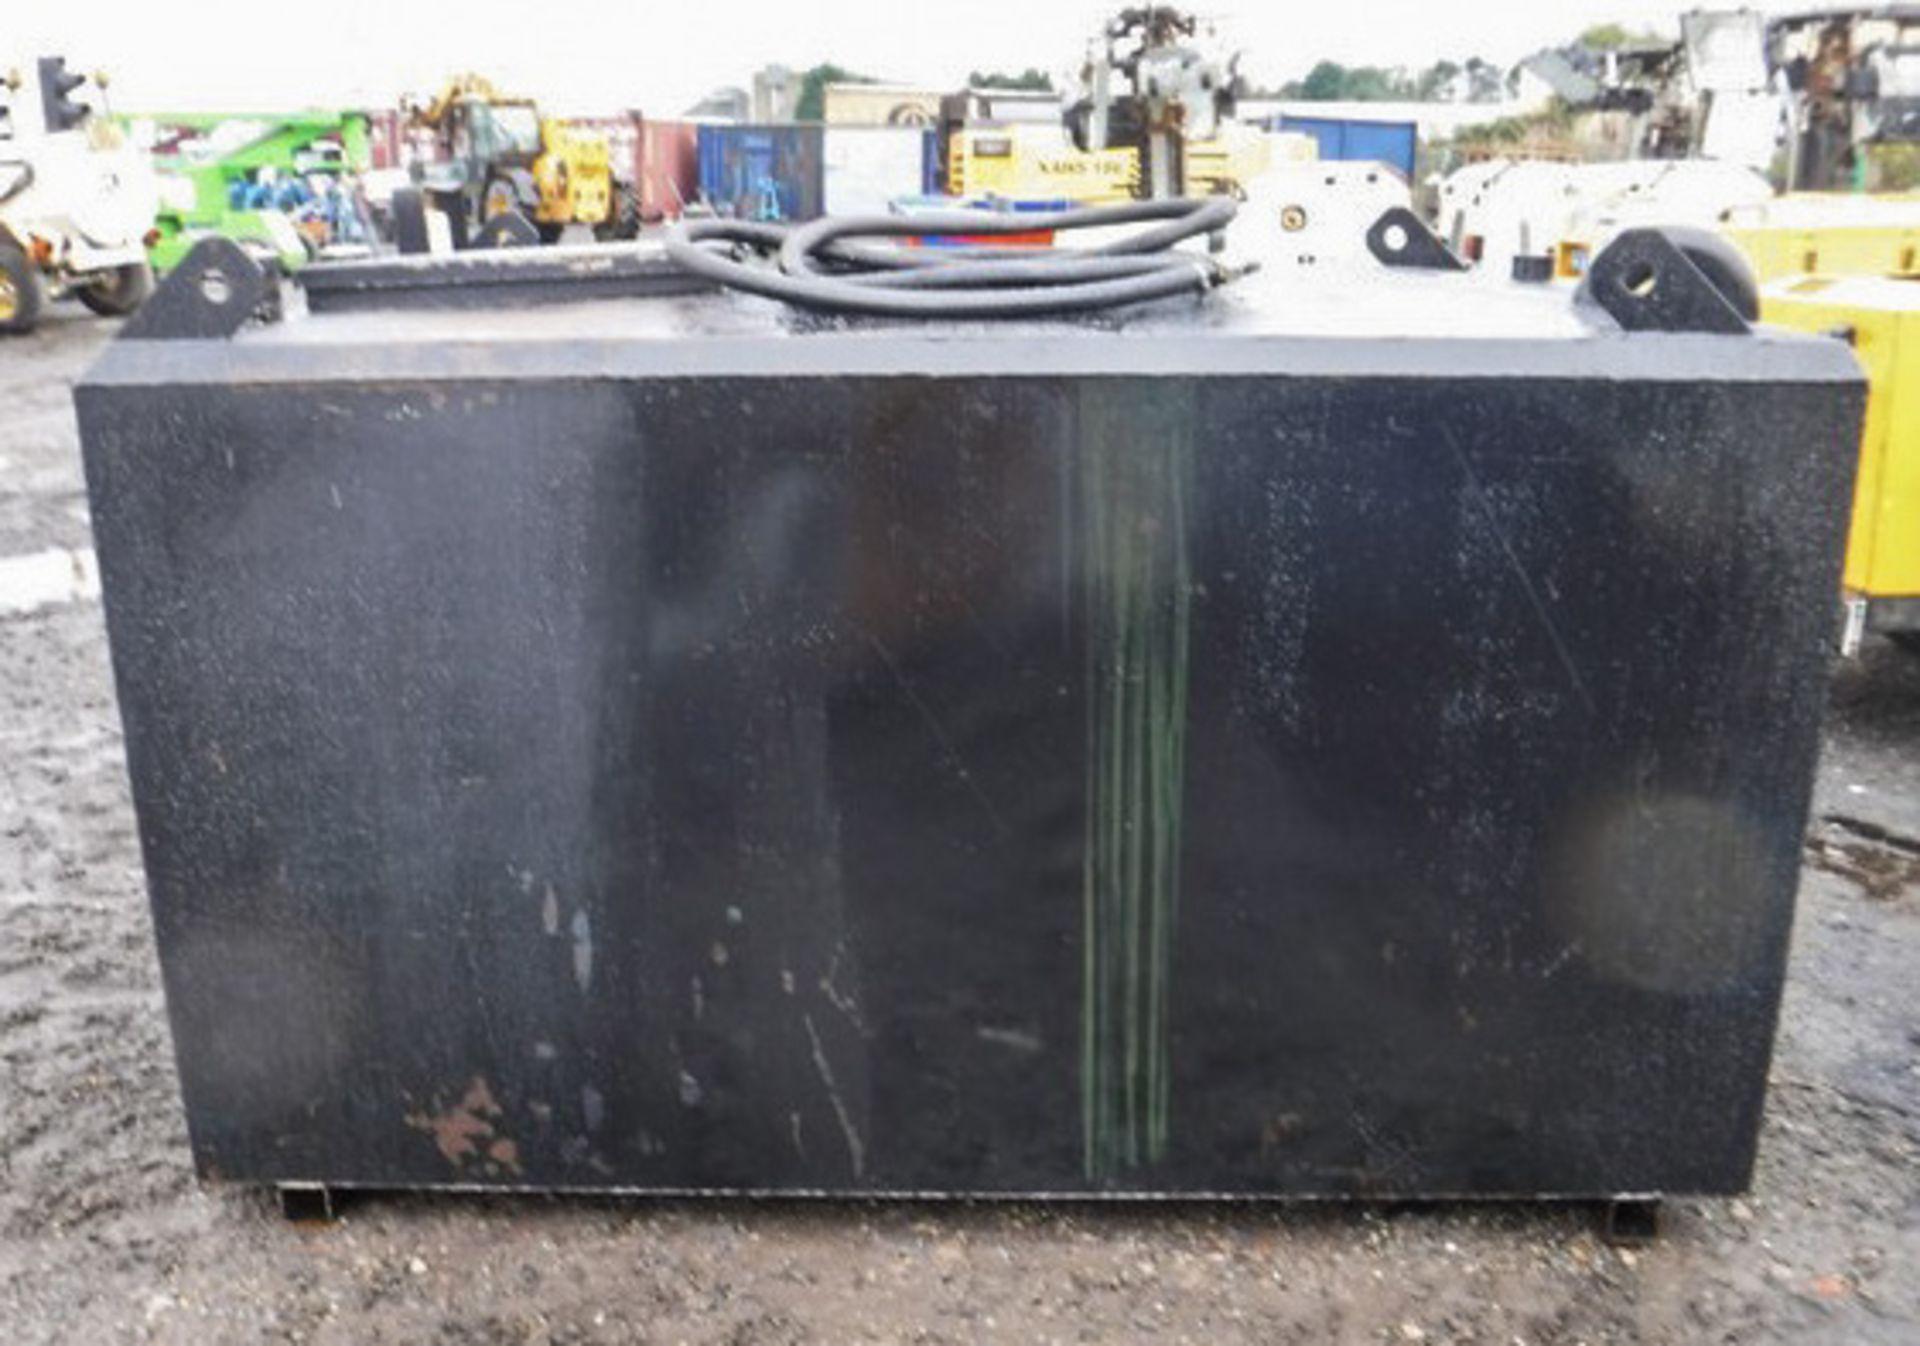 Auktionslos 231 - BUNDED waste tank, 2170ltrs